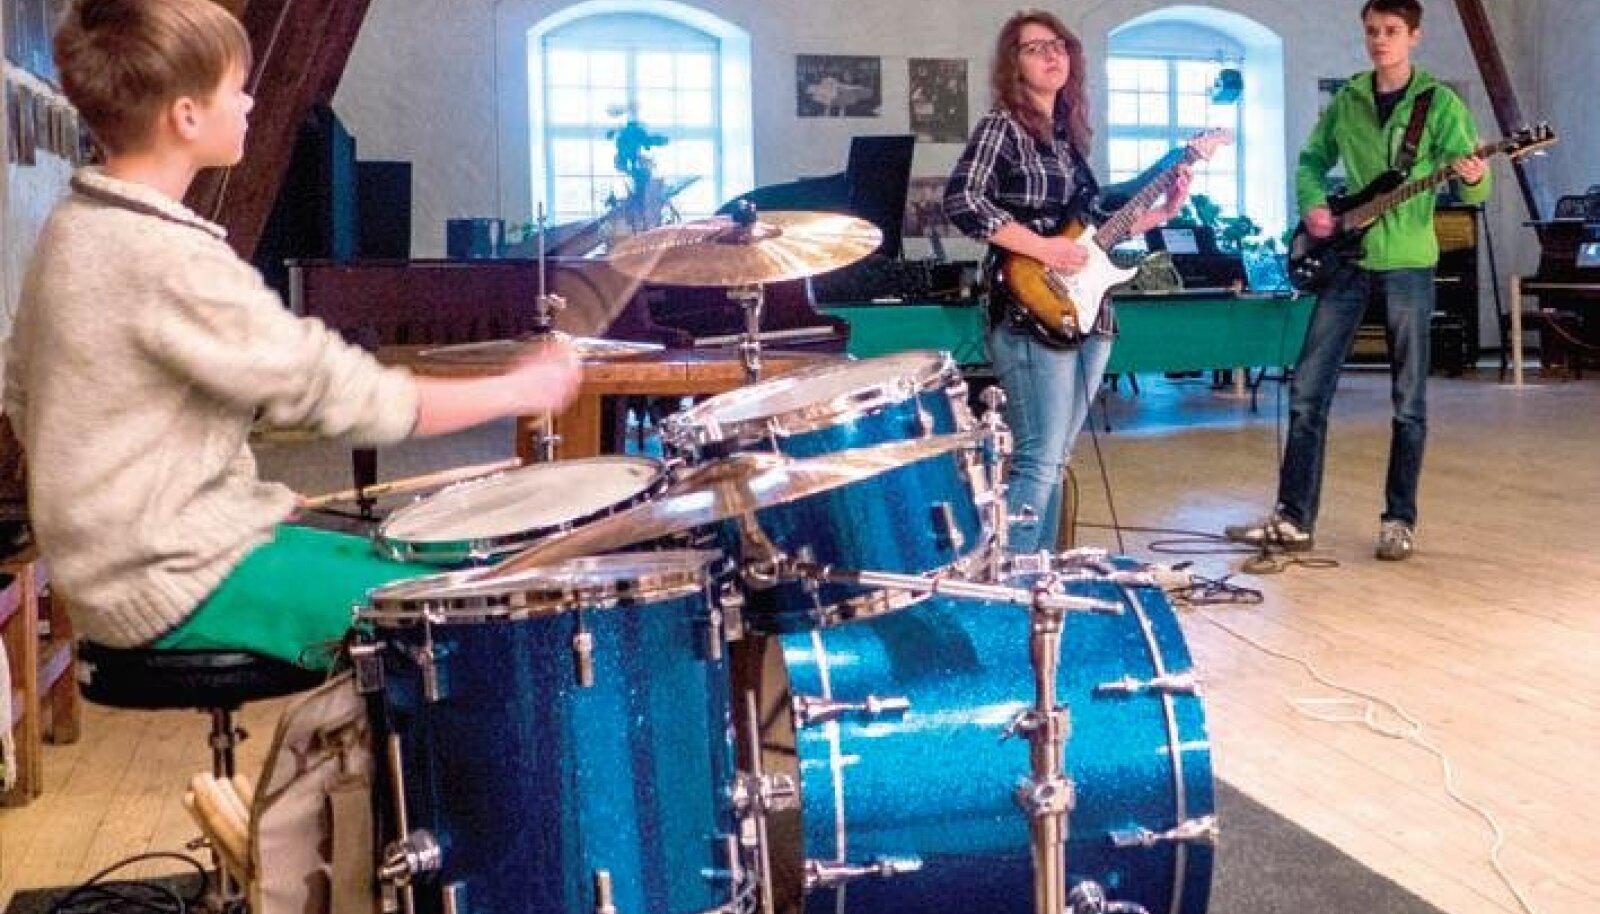 Raimond, Greete ja Karl-Robert ehk Beatstop harjutamas. Foto: Kaarel Kärner